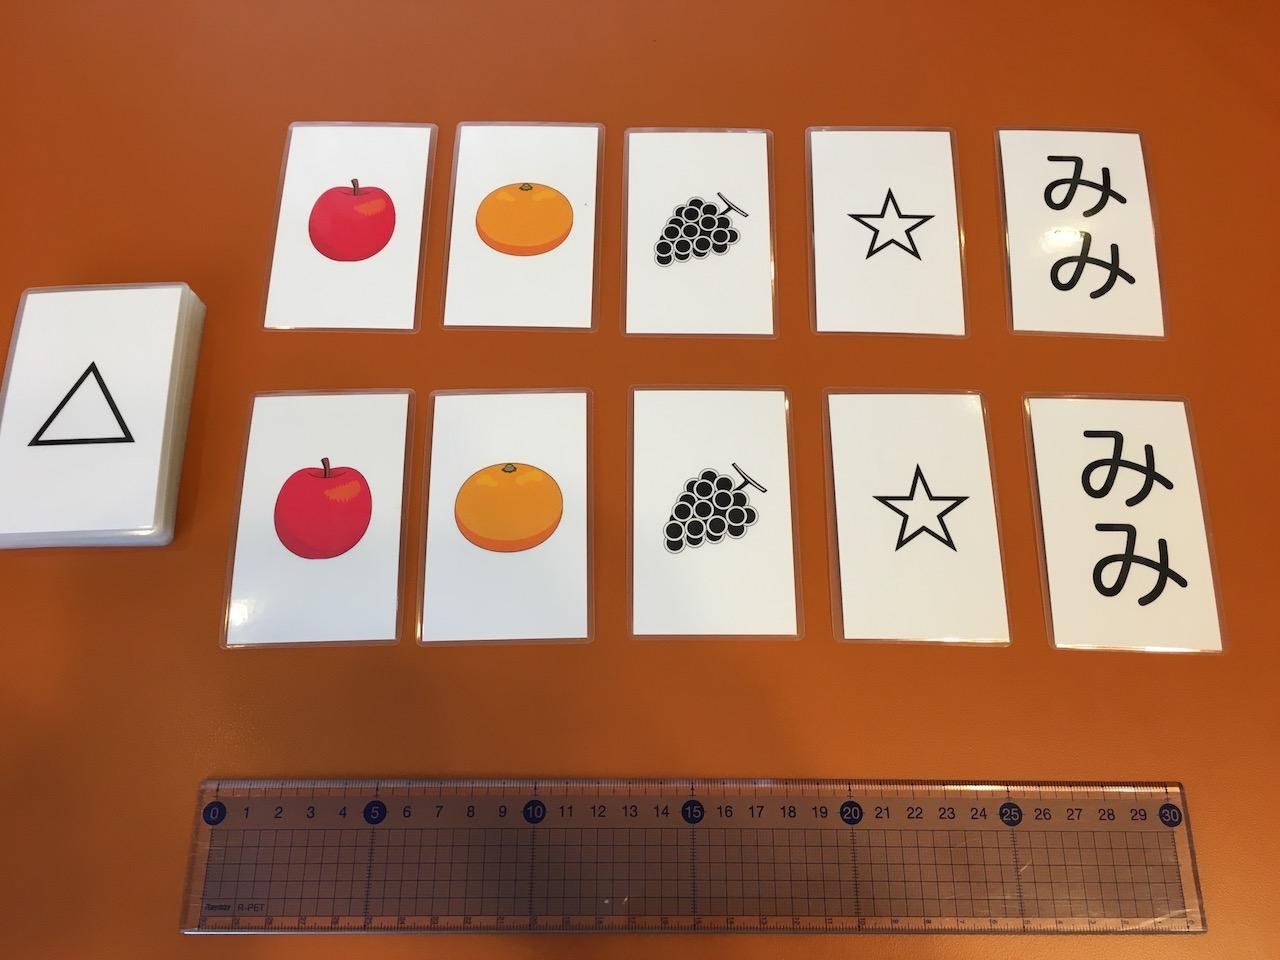 マッチングカード:自閉症の絵カード